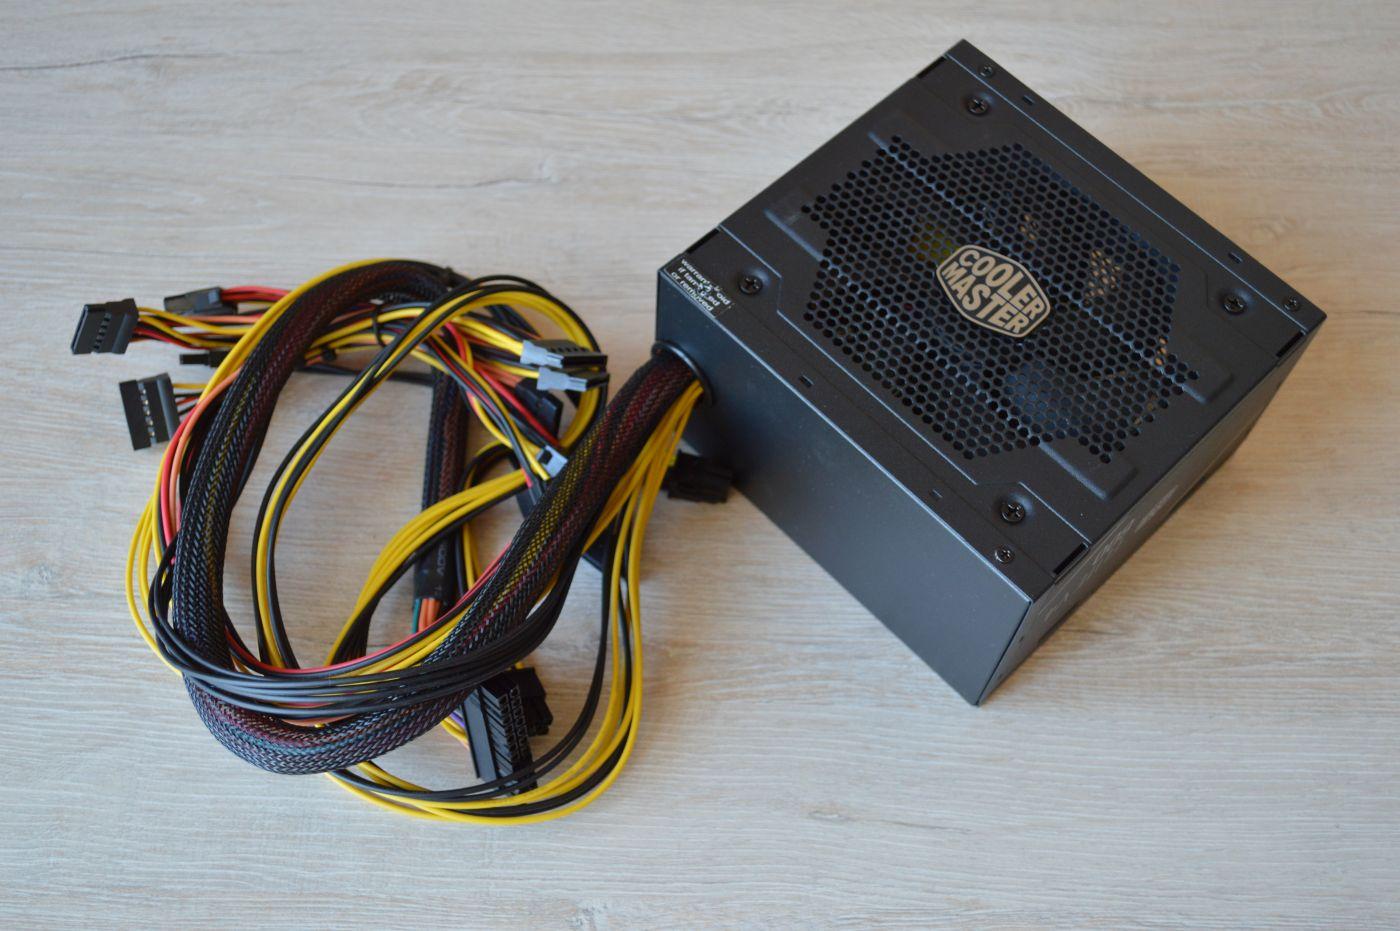 Cooler Master Elite 600 v4